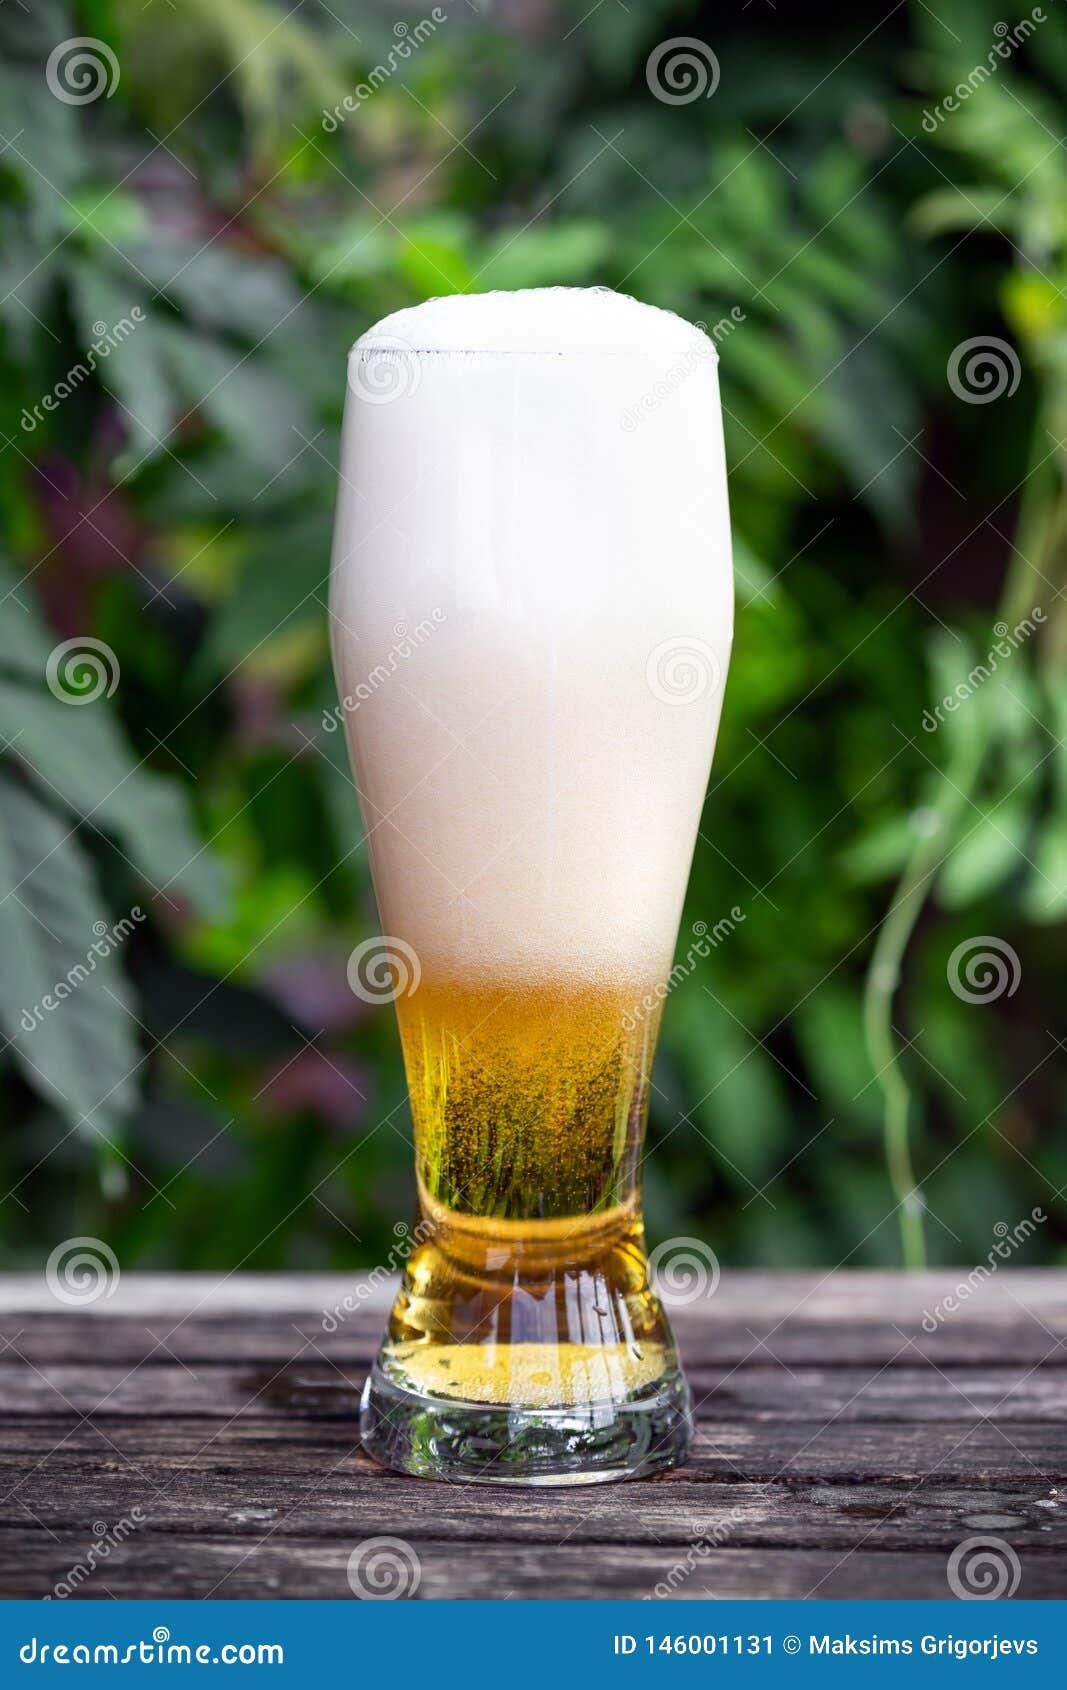 Glas koud bier op de houten lijst in tuin met groene achtergrond